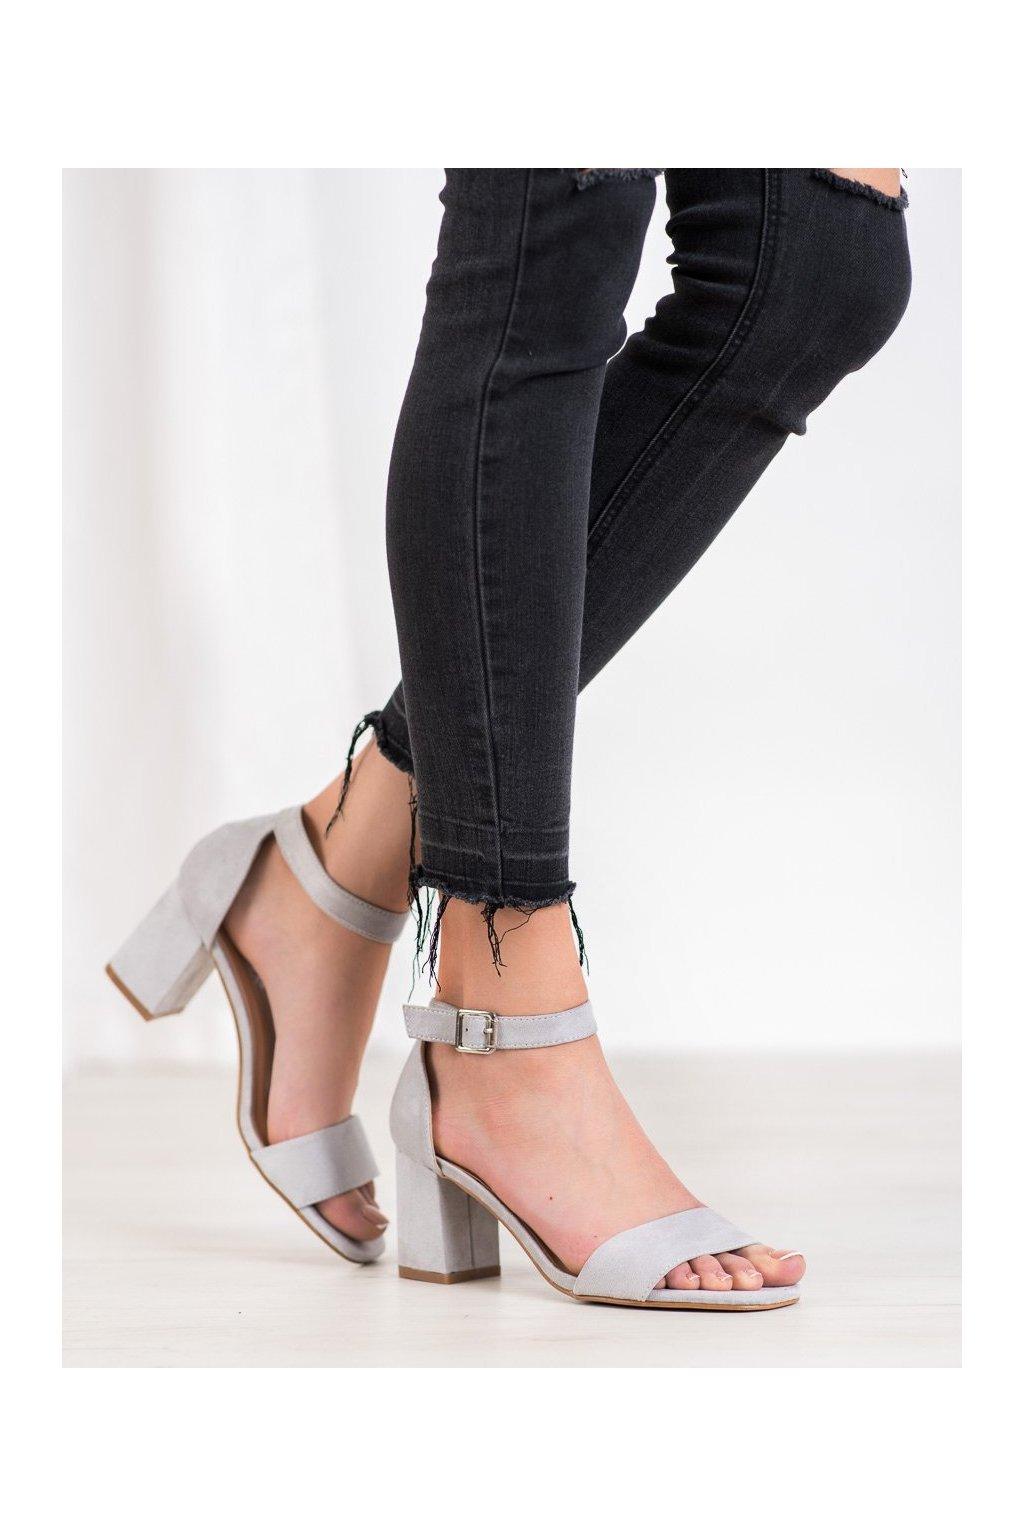 Sivé sandále na podpätku Vinceza kod YQE20-17058G